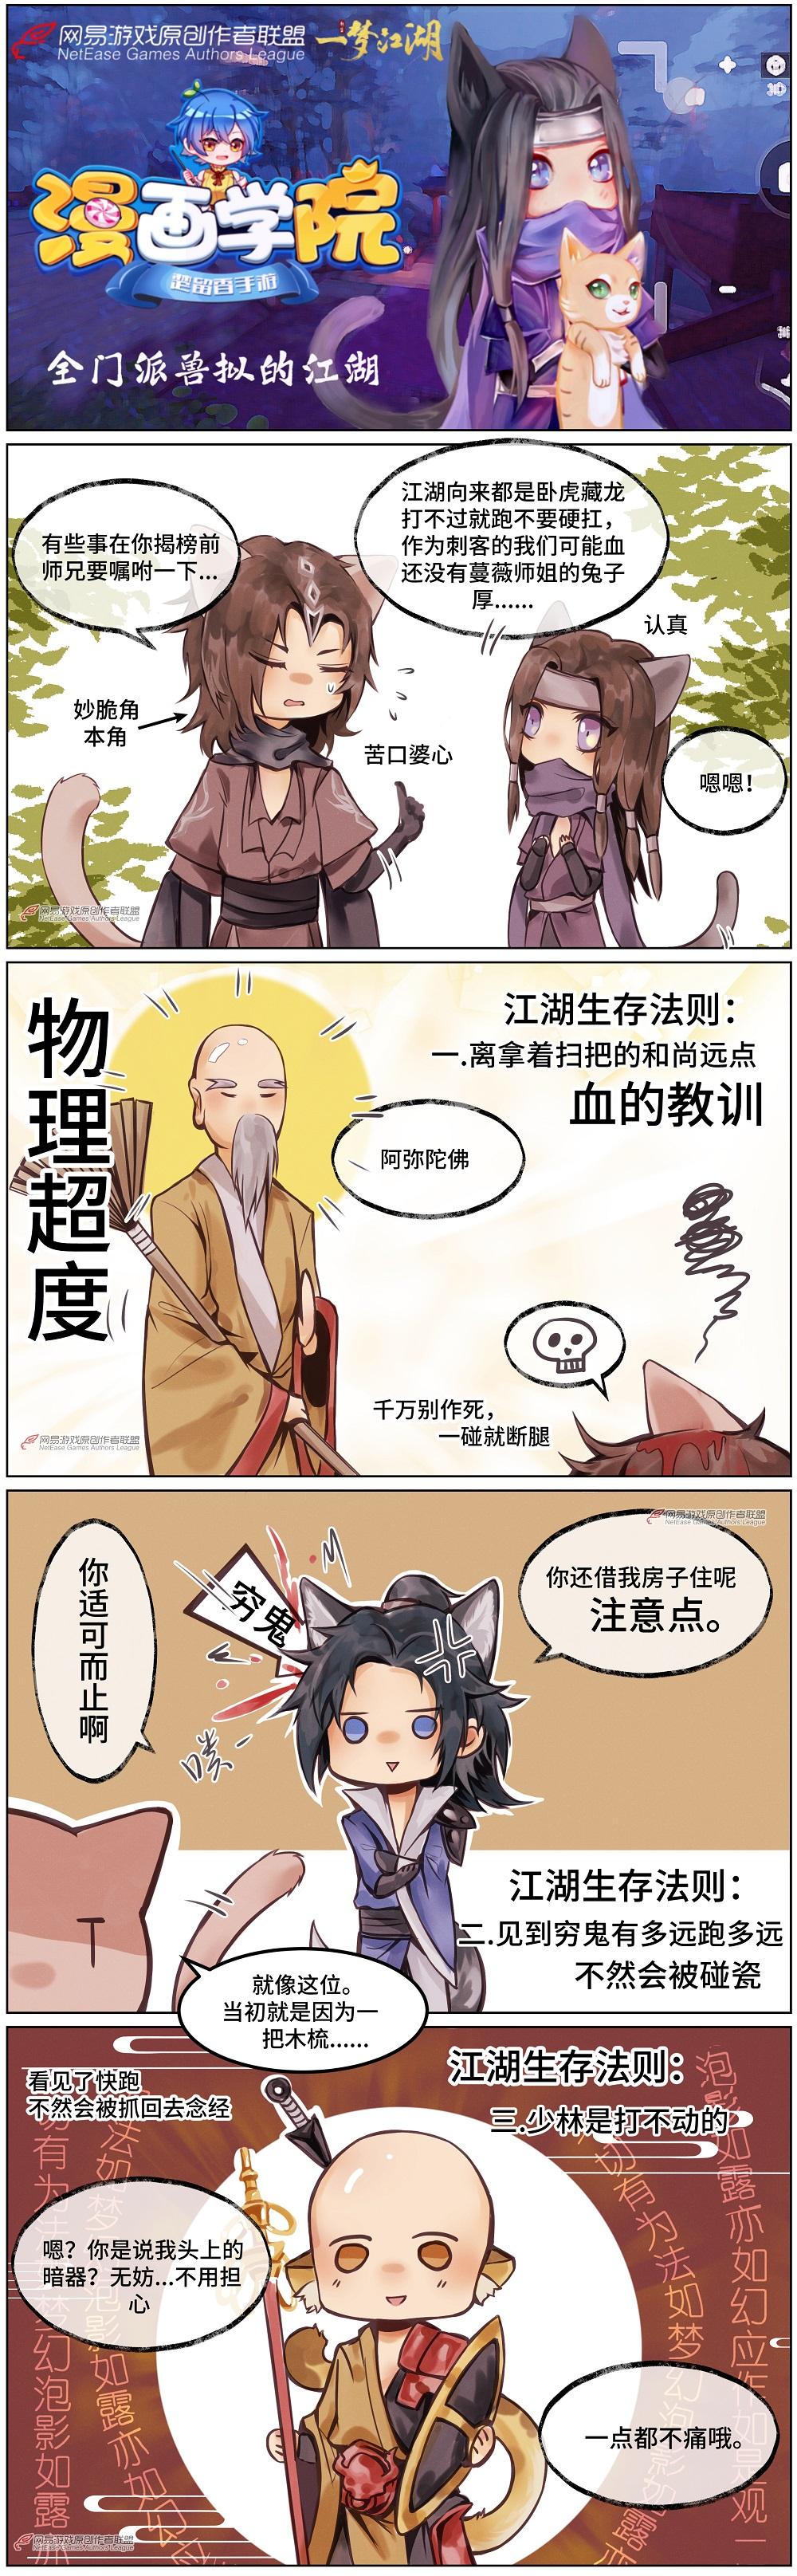 【原创作者联盟】【漫画学院】江湖生存指南